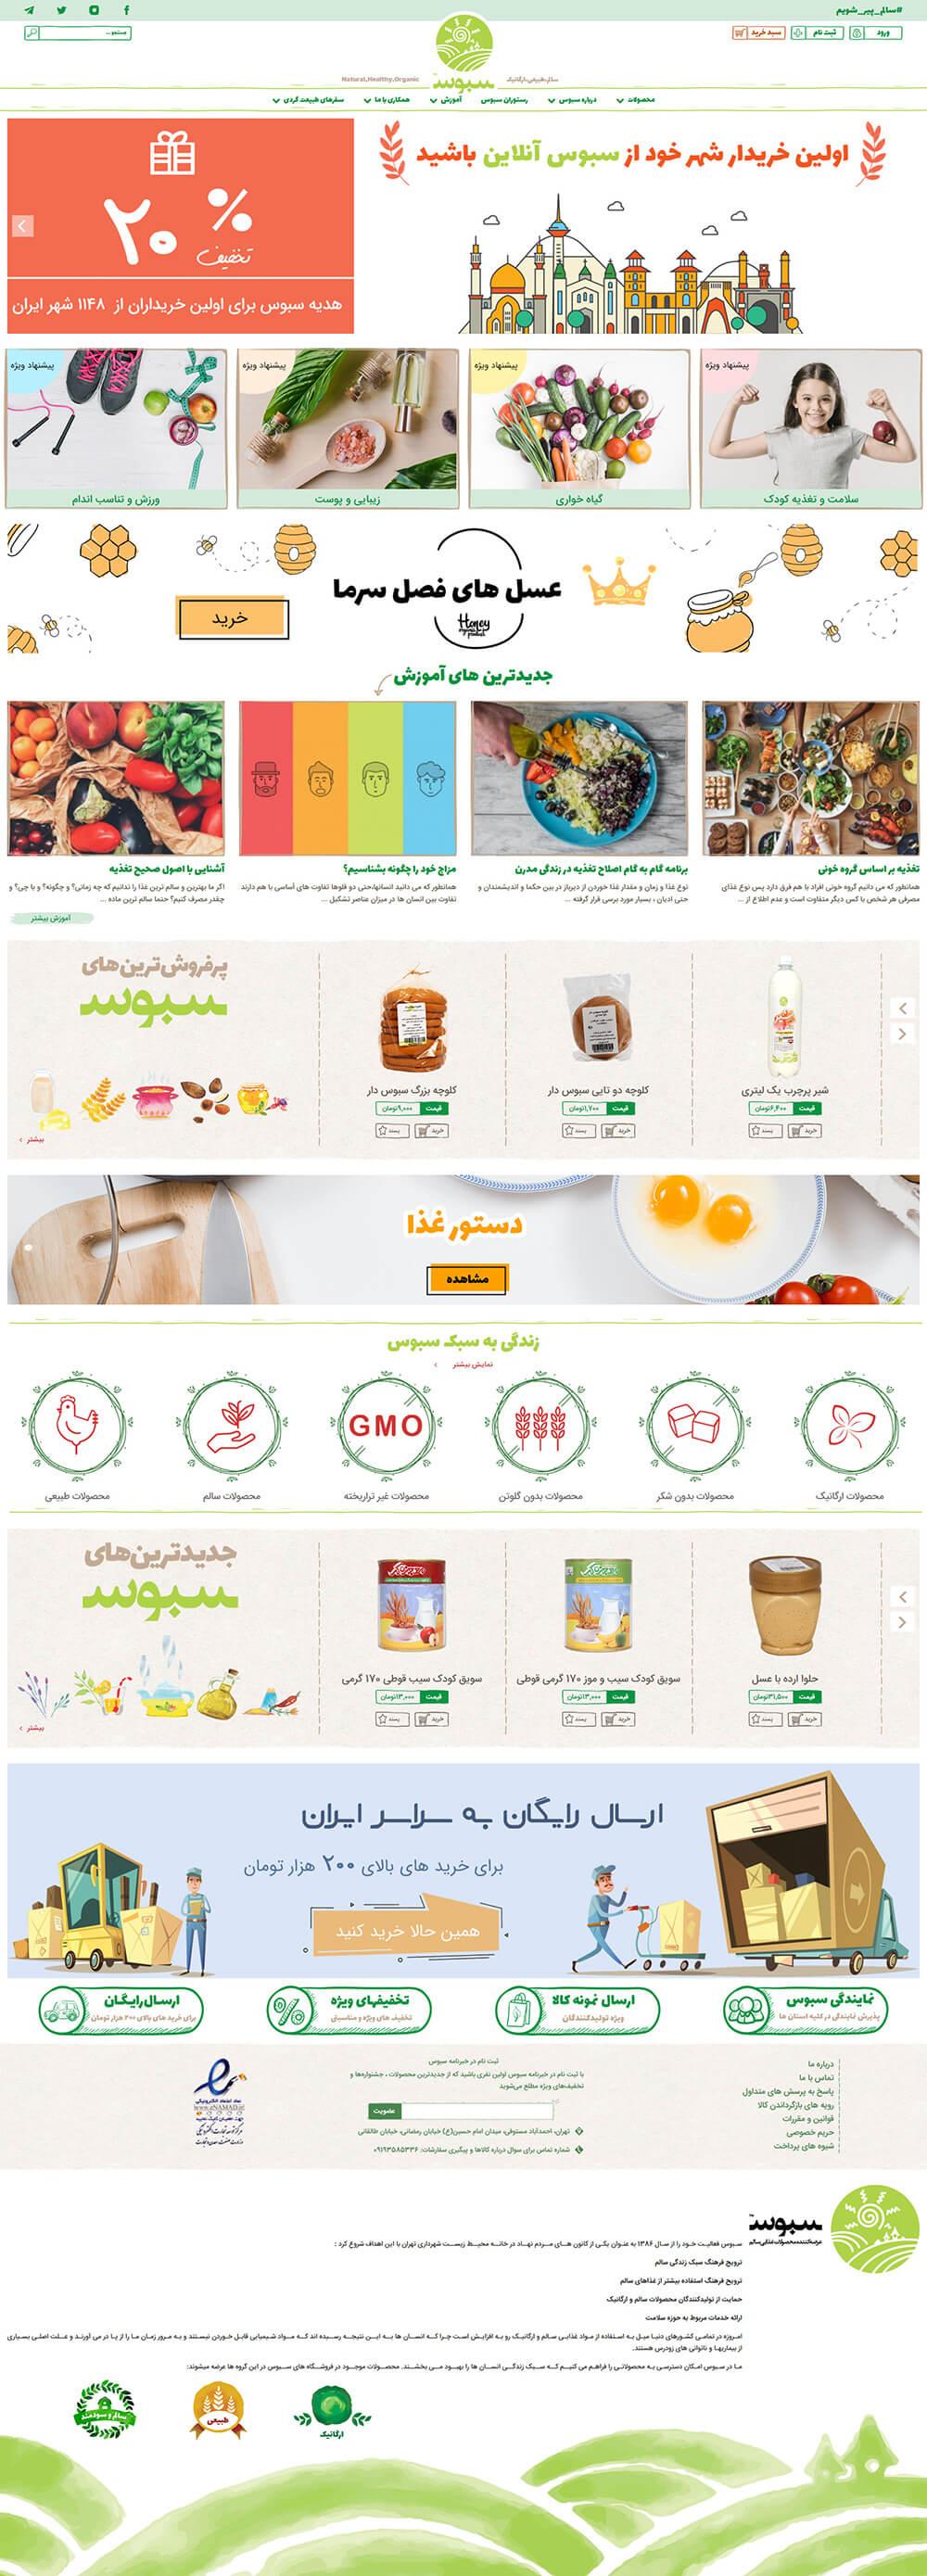 طراحی فروشگاه اینترنتی سبوس آنلاین